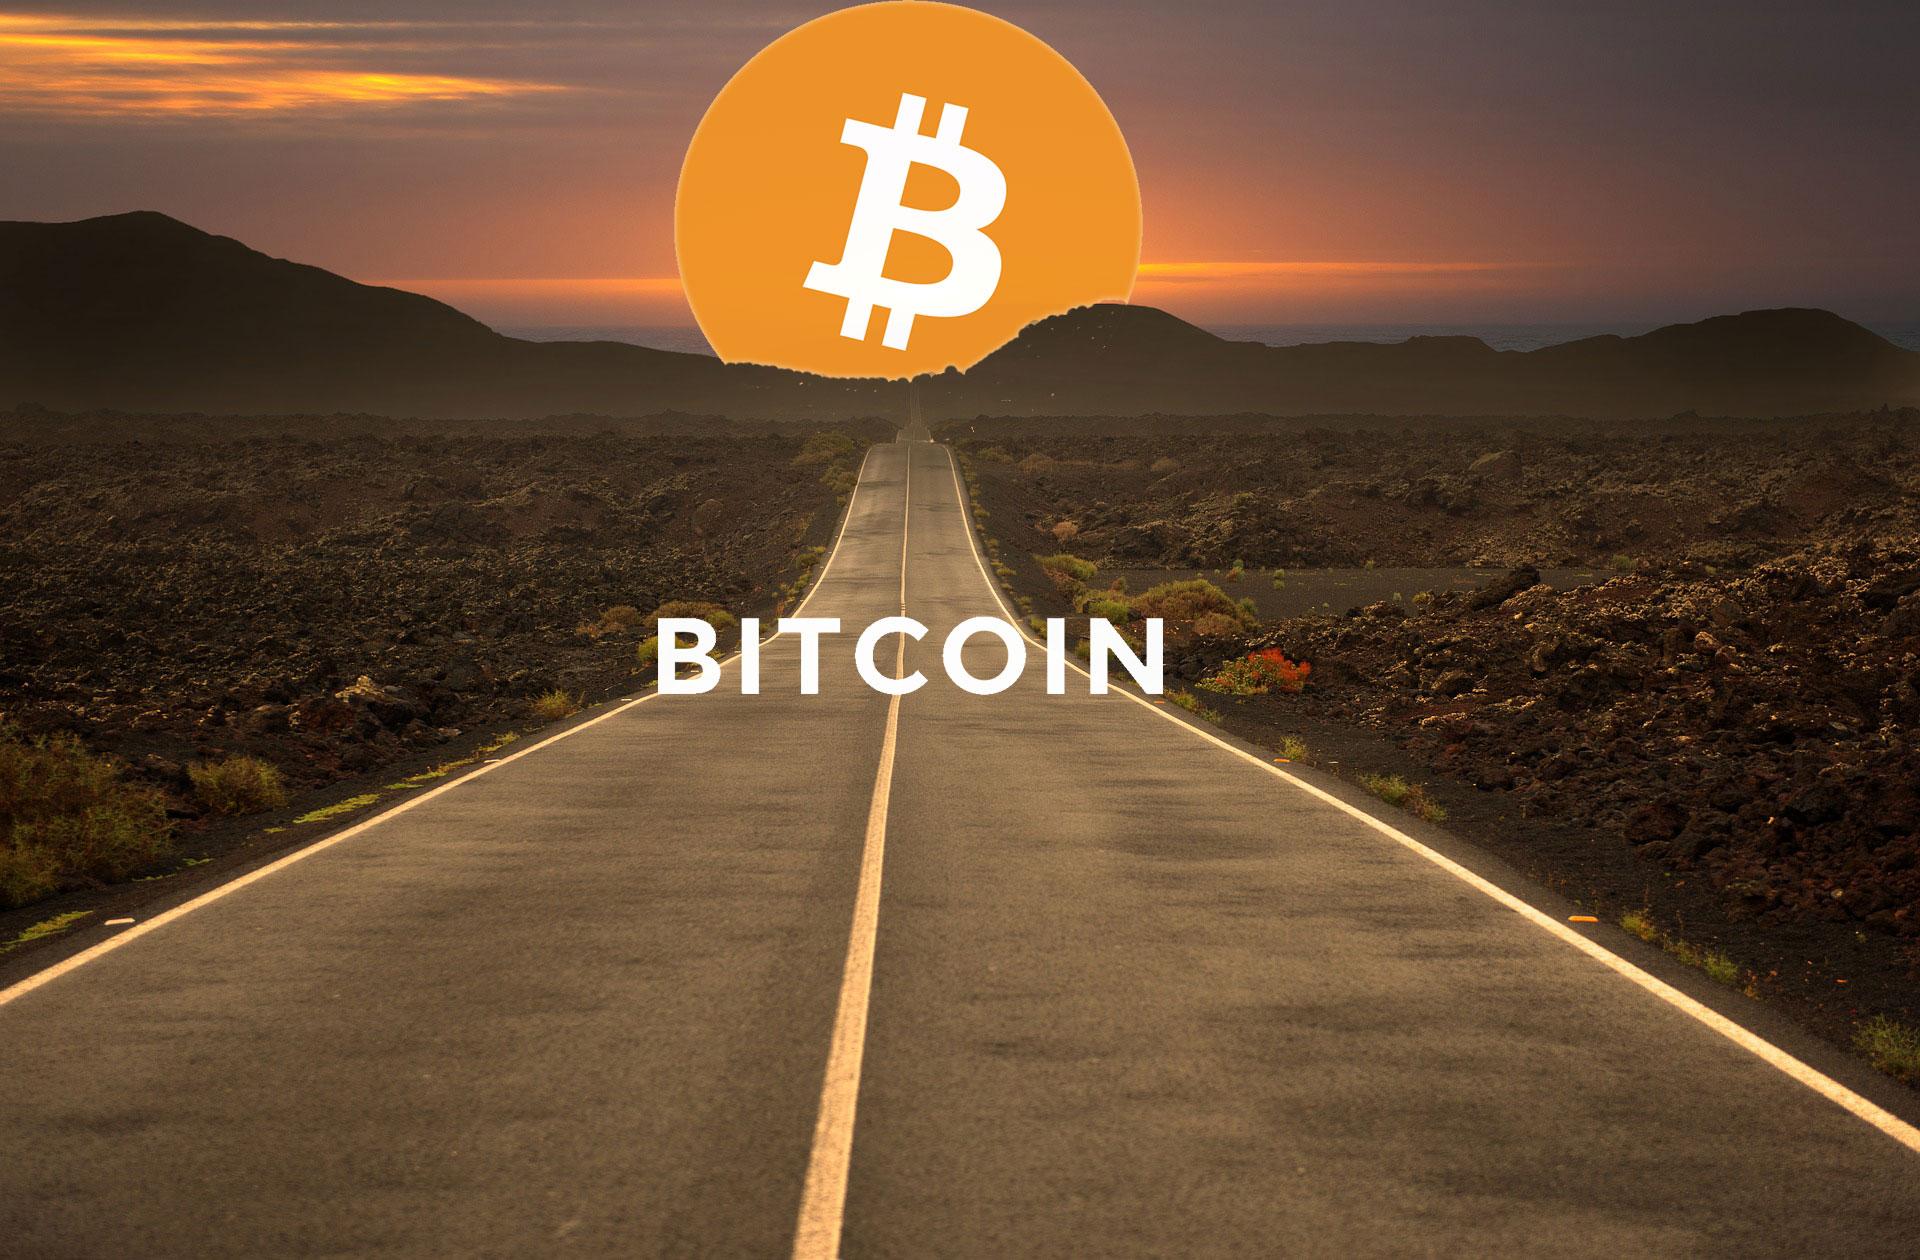 ビットコインは強気市場の再蓄積段階にある!?暗号アナリストの見解!